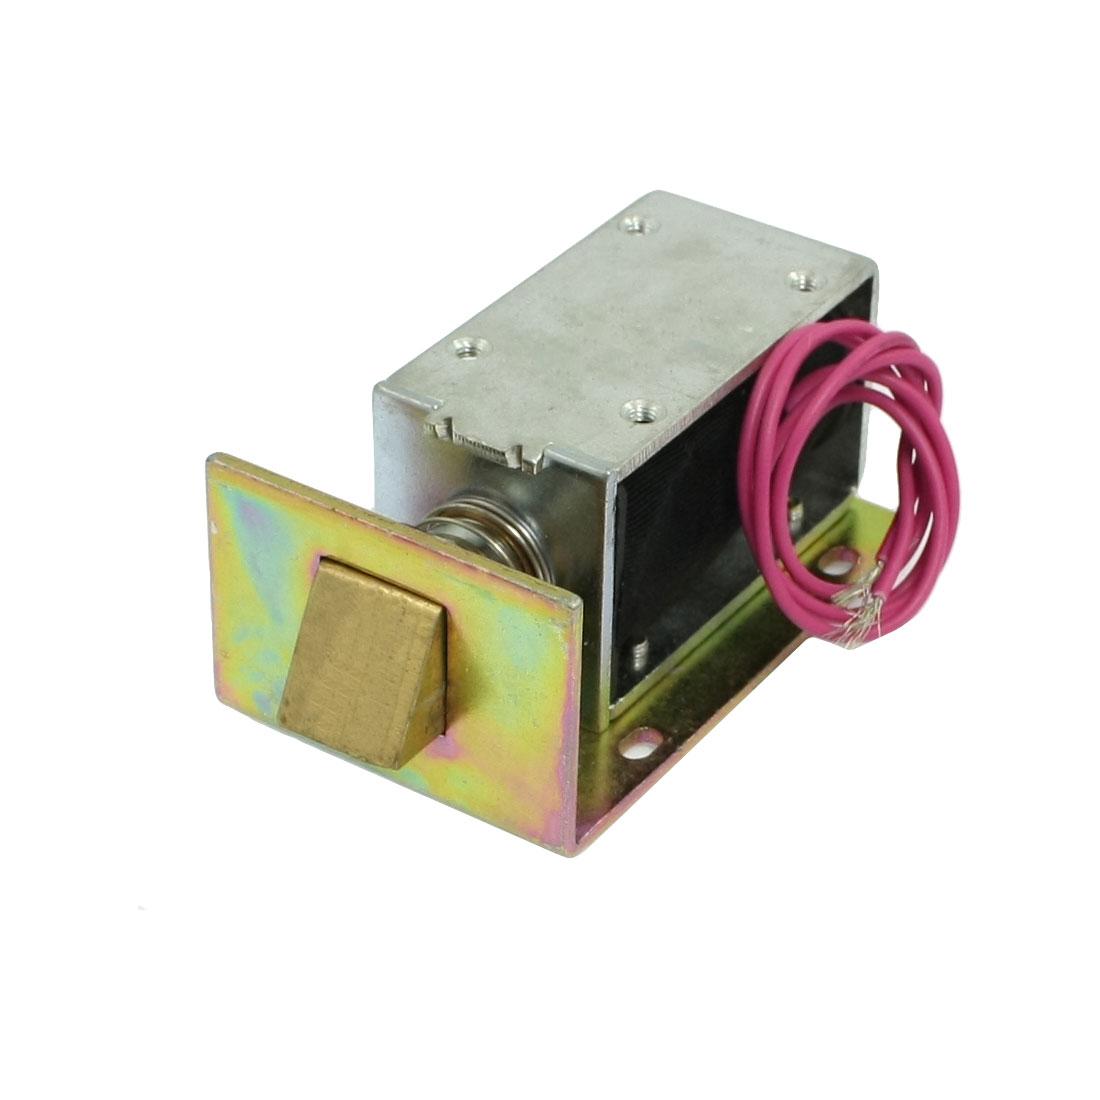 DC 12V 1.71A 6mm 700gf Actuator Door Lock Open Frame Type Solenoid